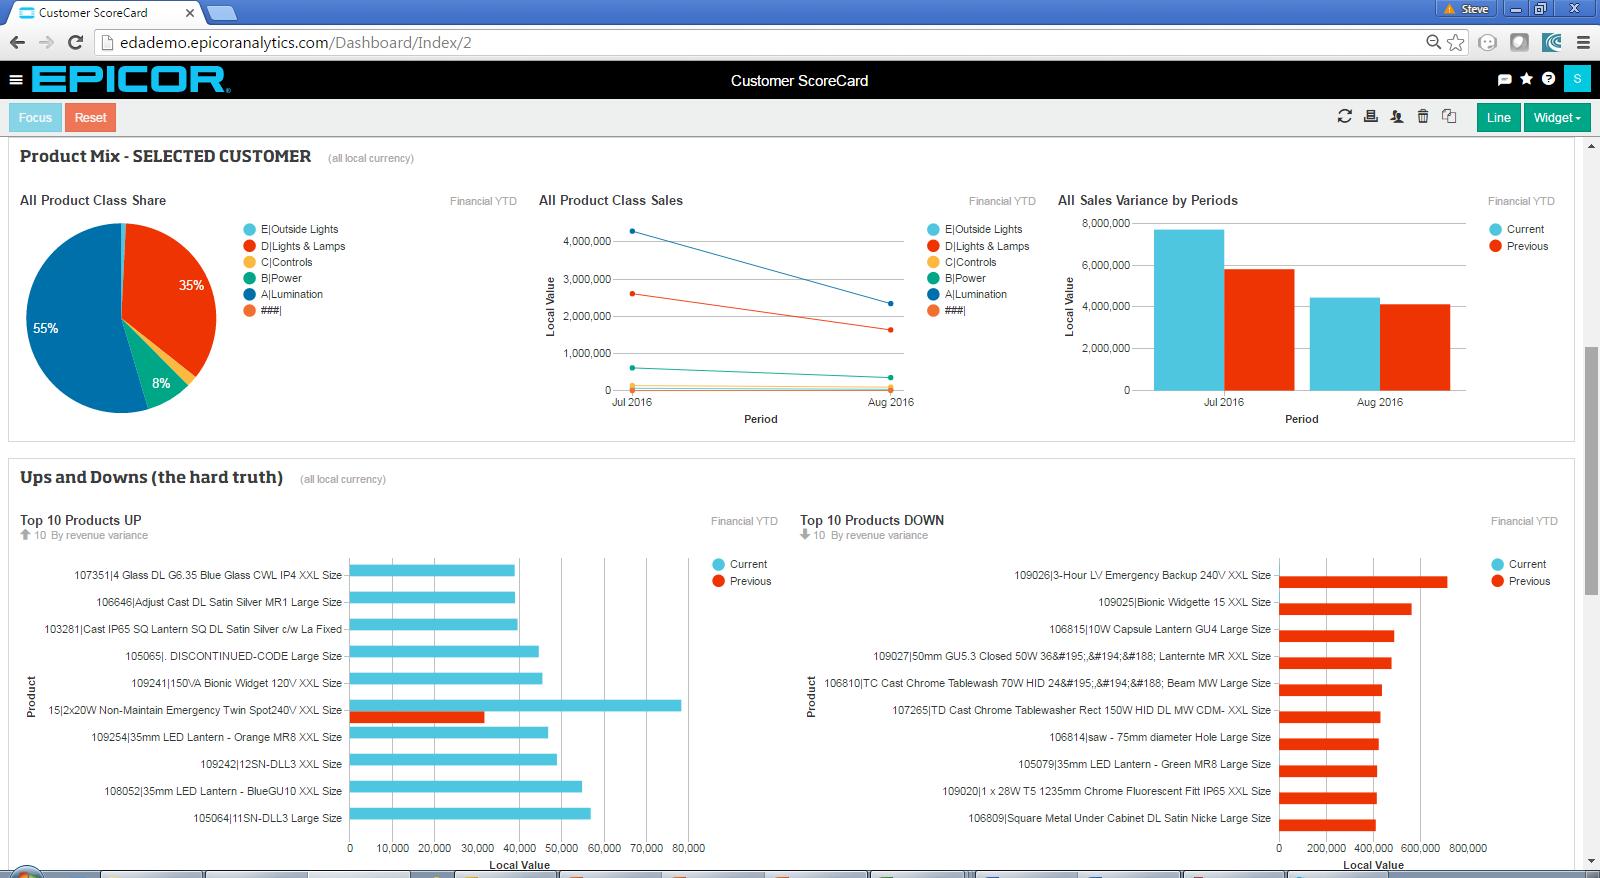 Epicor Announces Epicor Data Analytics For Prophet 21 To